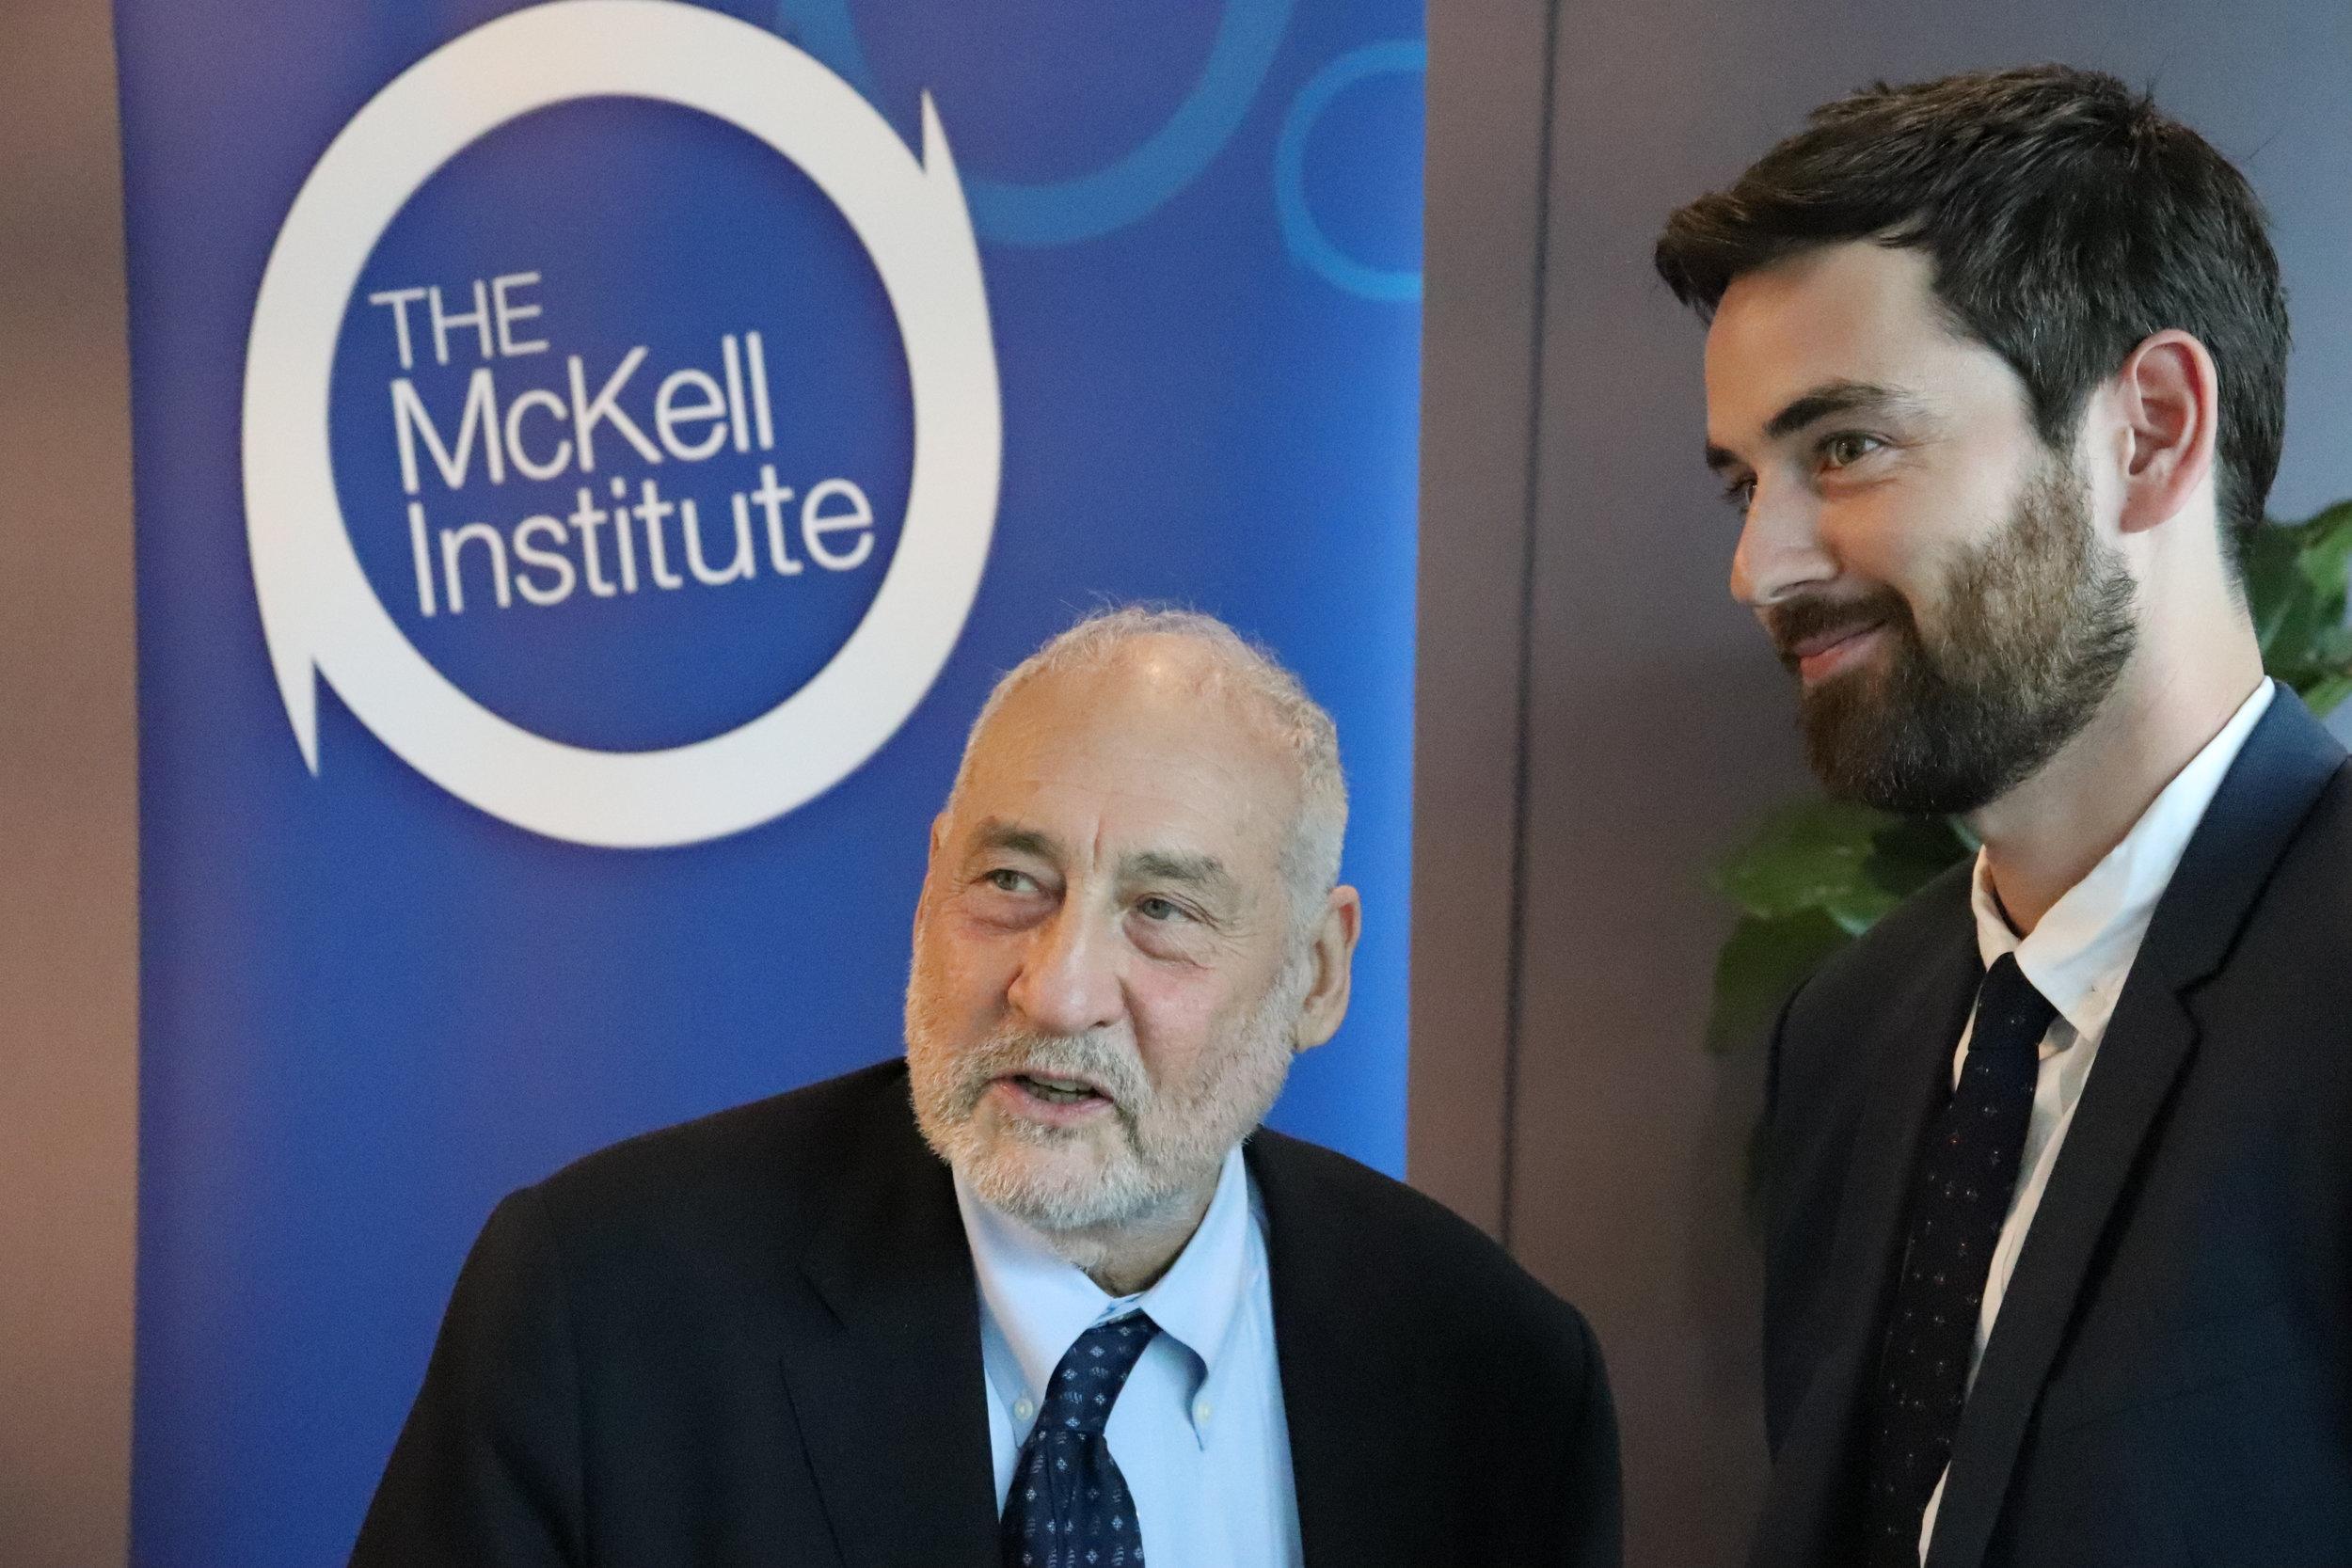 With Professor Joseph Stiglitz